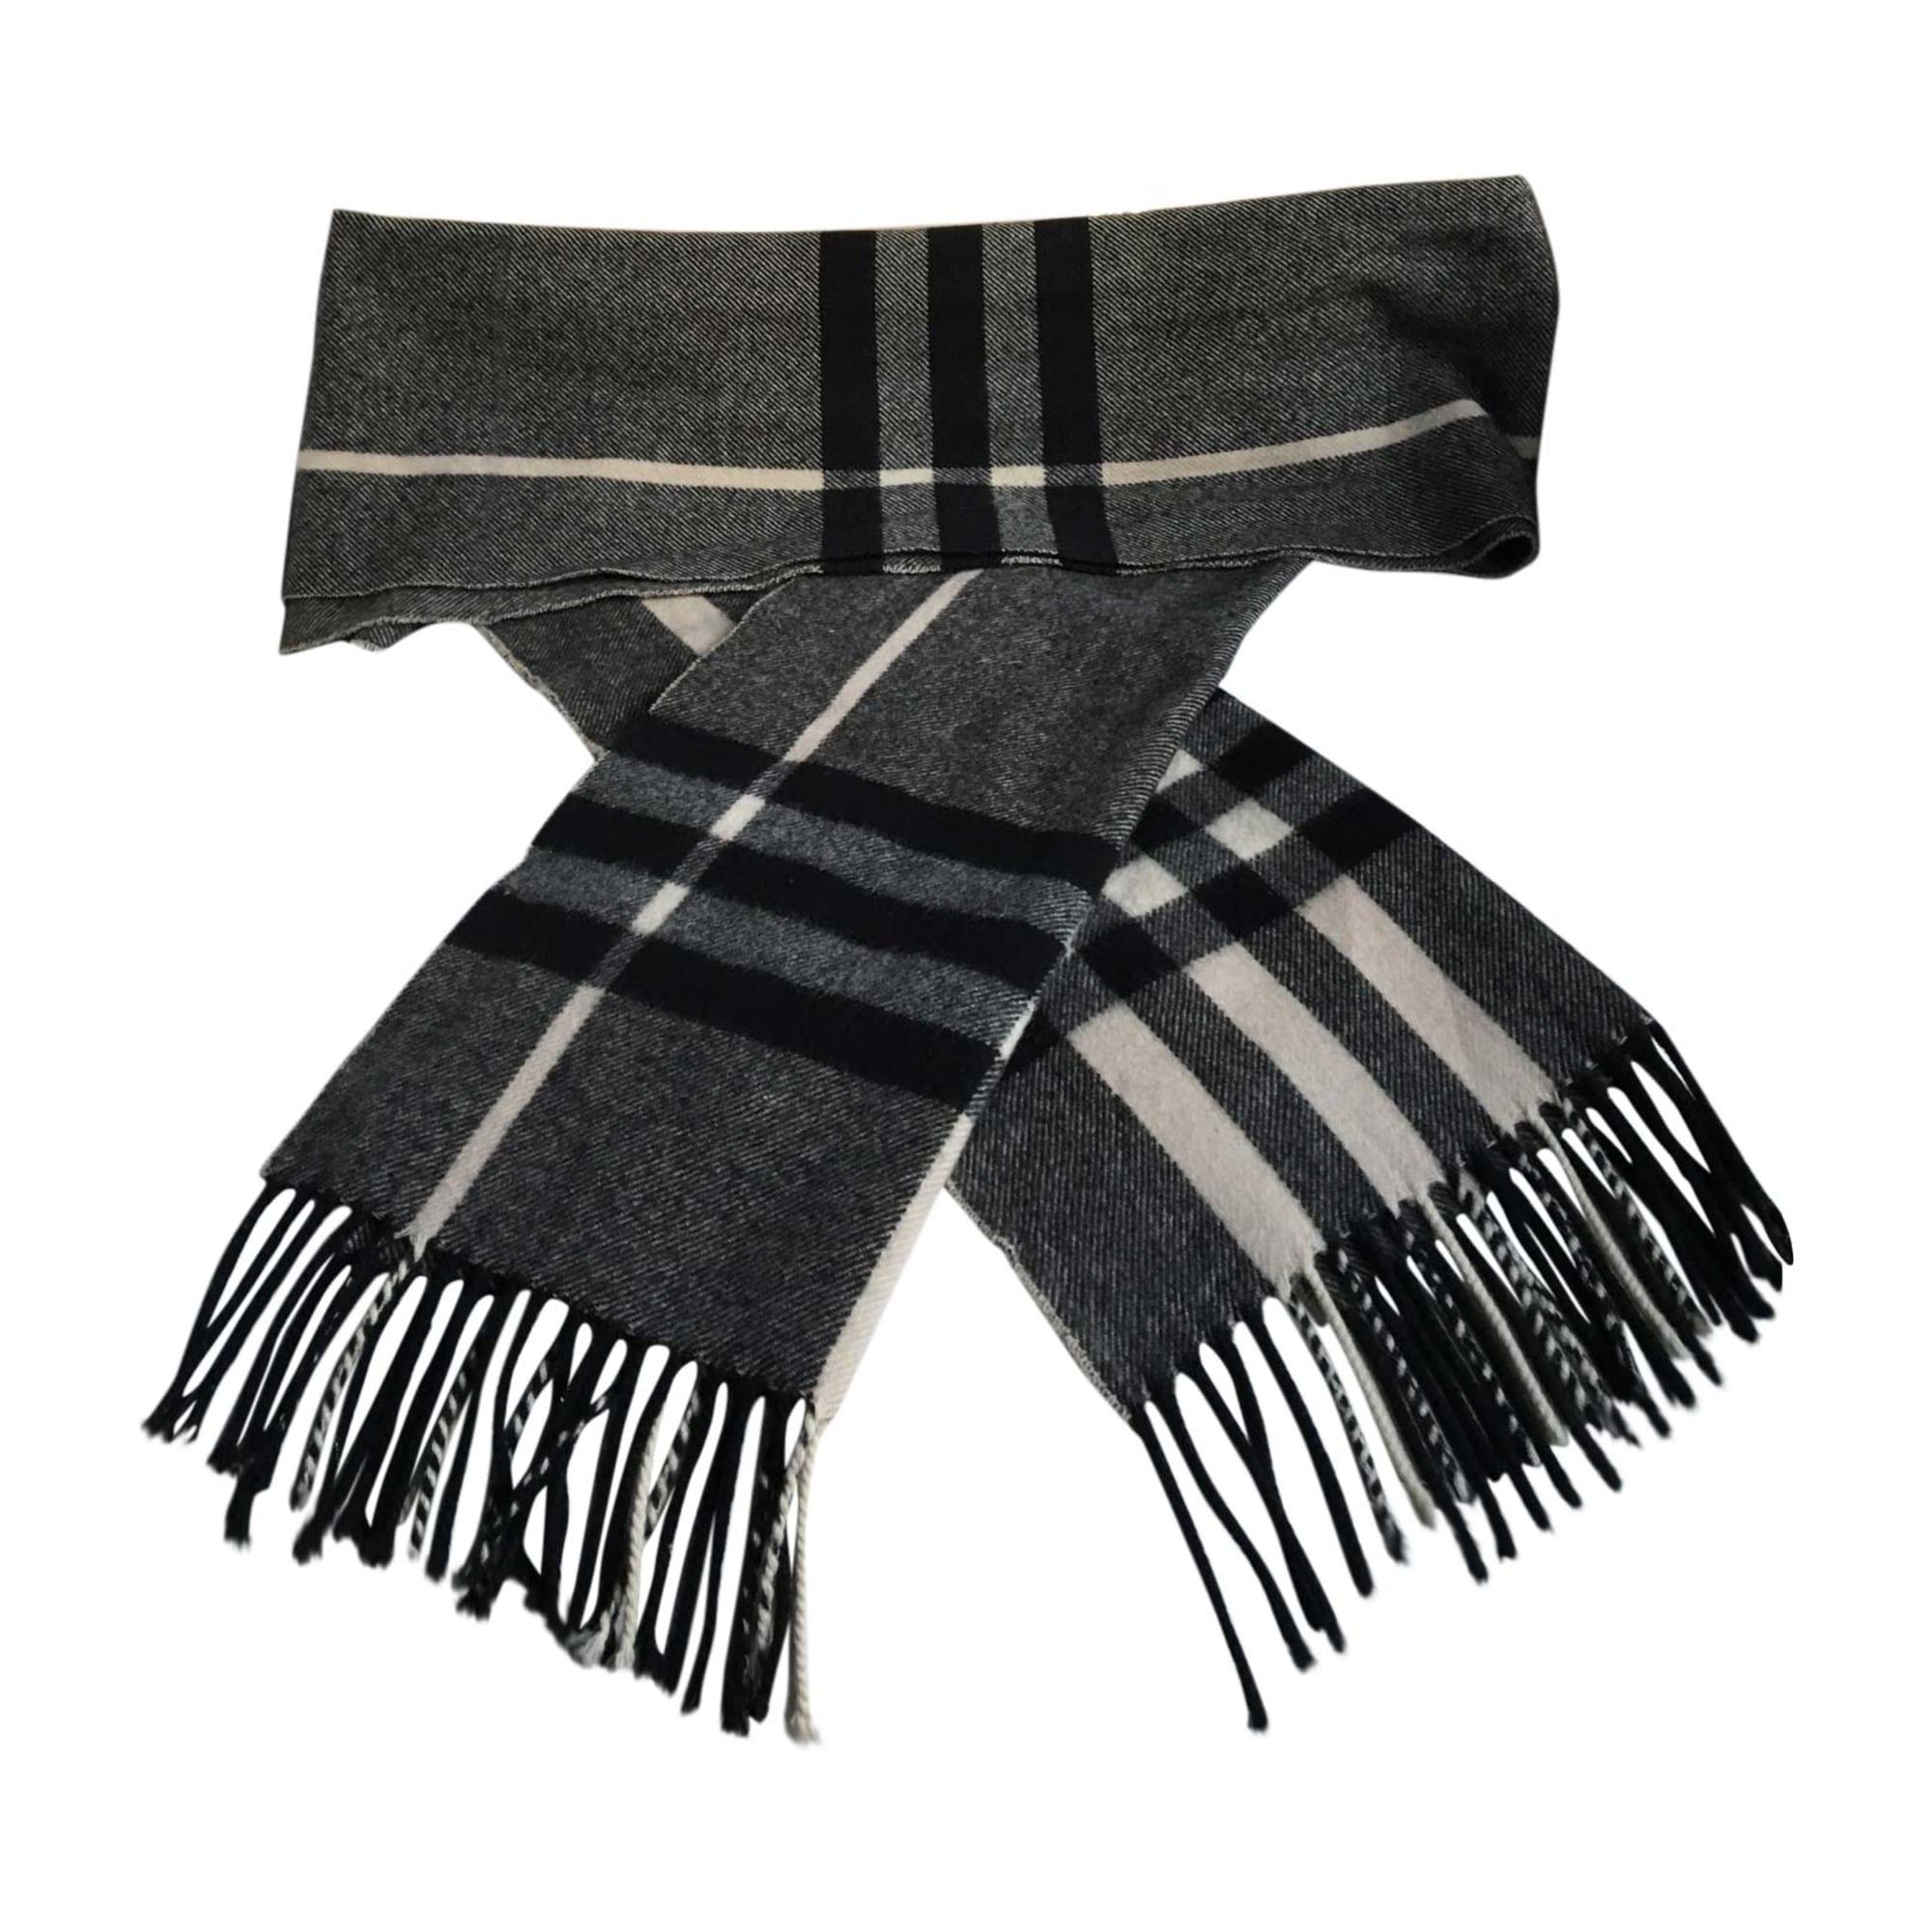 81aa81650d29 Echarpe BURBERRY blanc noir gris vendu par D emeric 2550720 - 5674719